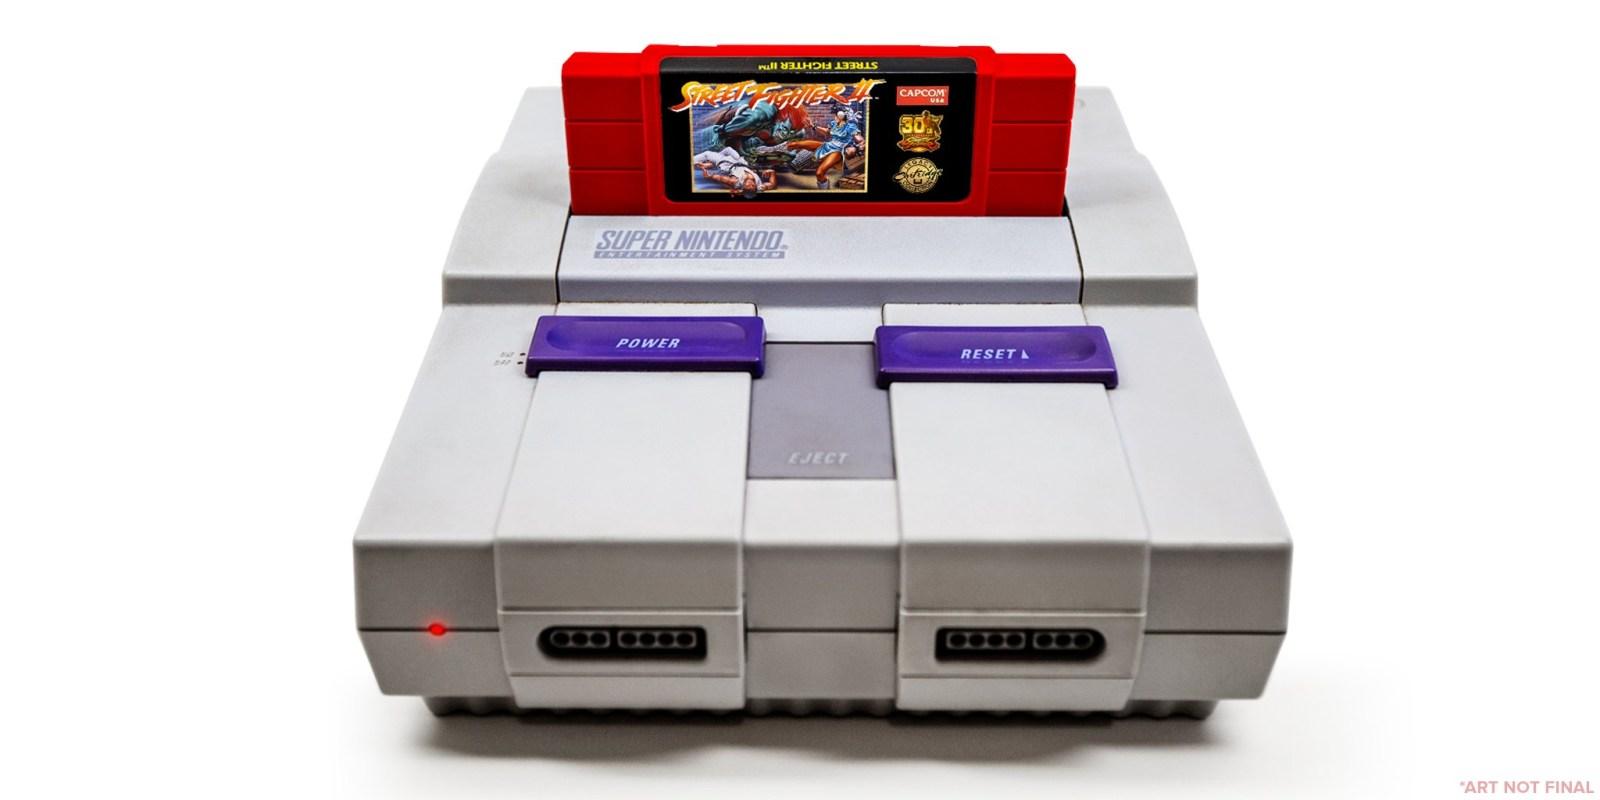 Celebra el 30 aniversario de Street Fighter con un cartucho de SNES Súper limitado